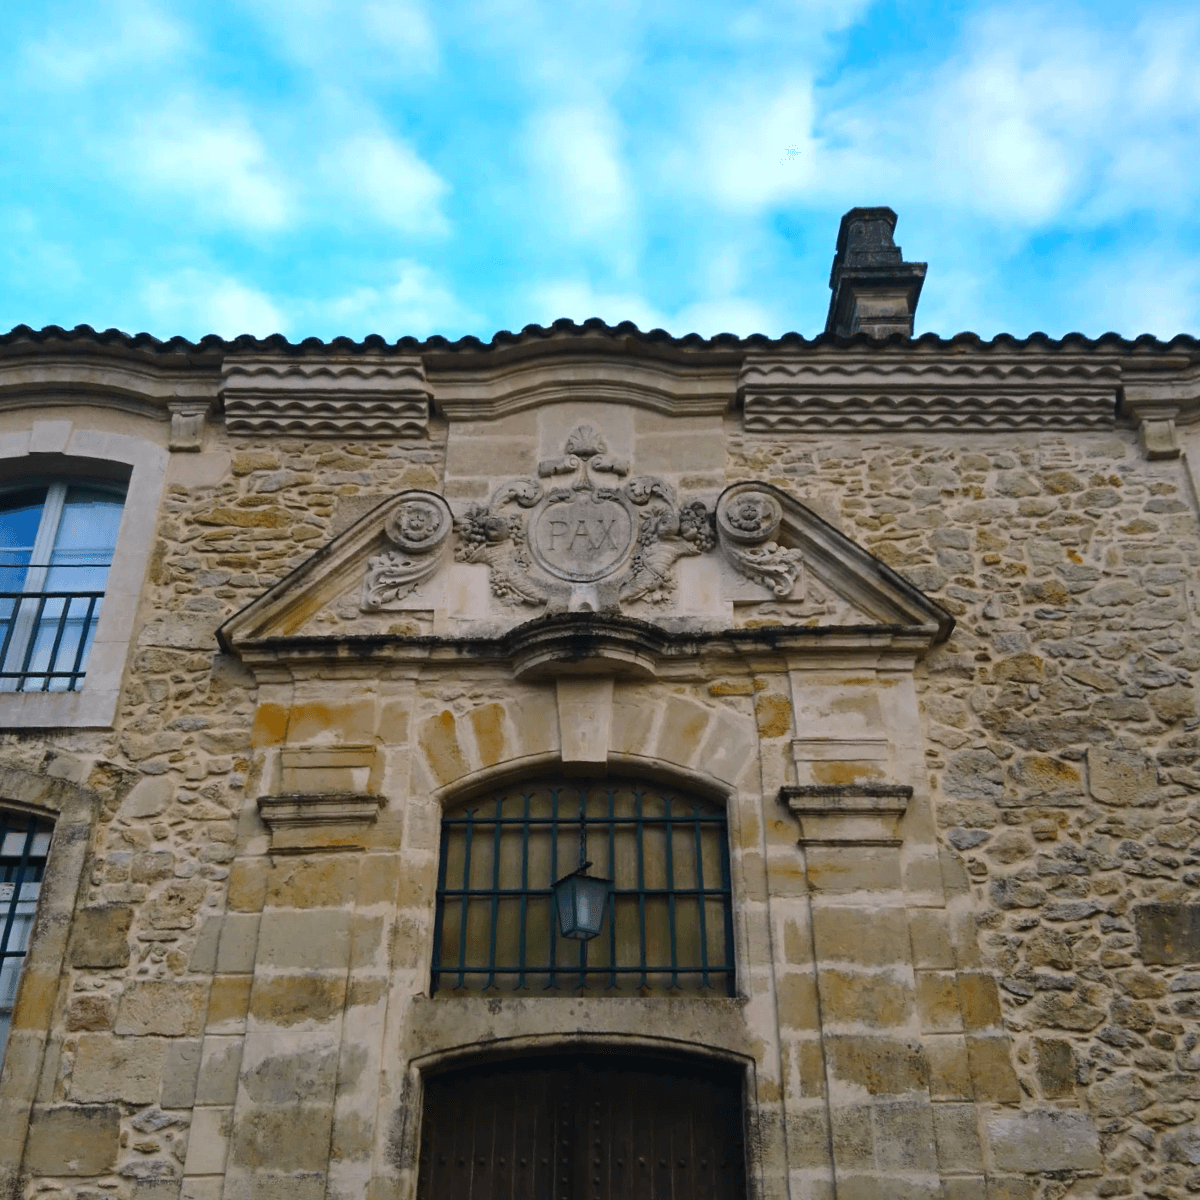 Porte d'entrée du cloître de l'abbaye du Rivet construite au XVIIIème siècle où est inscrit le mot